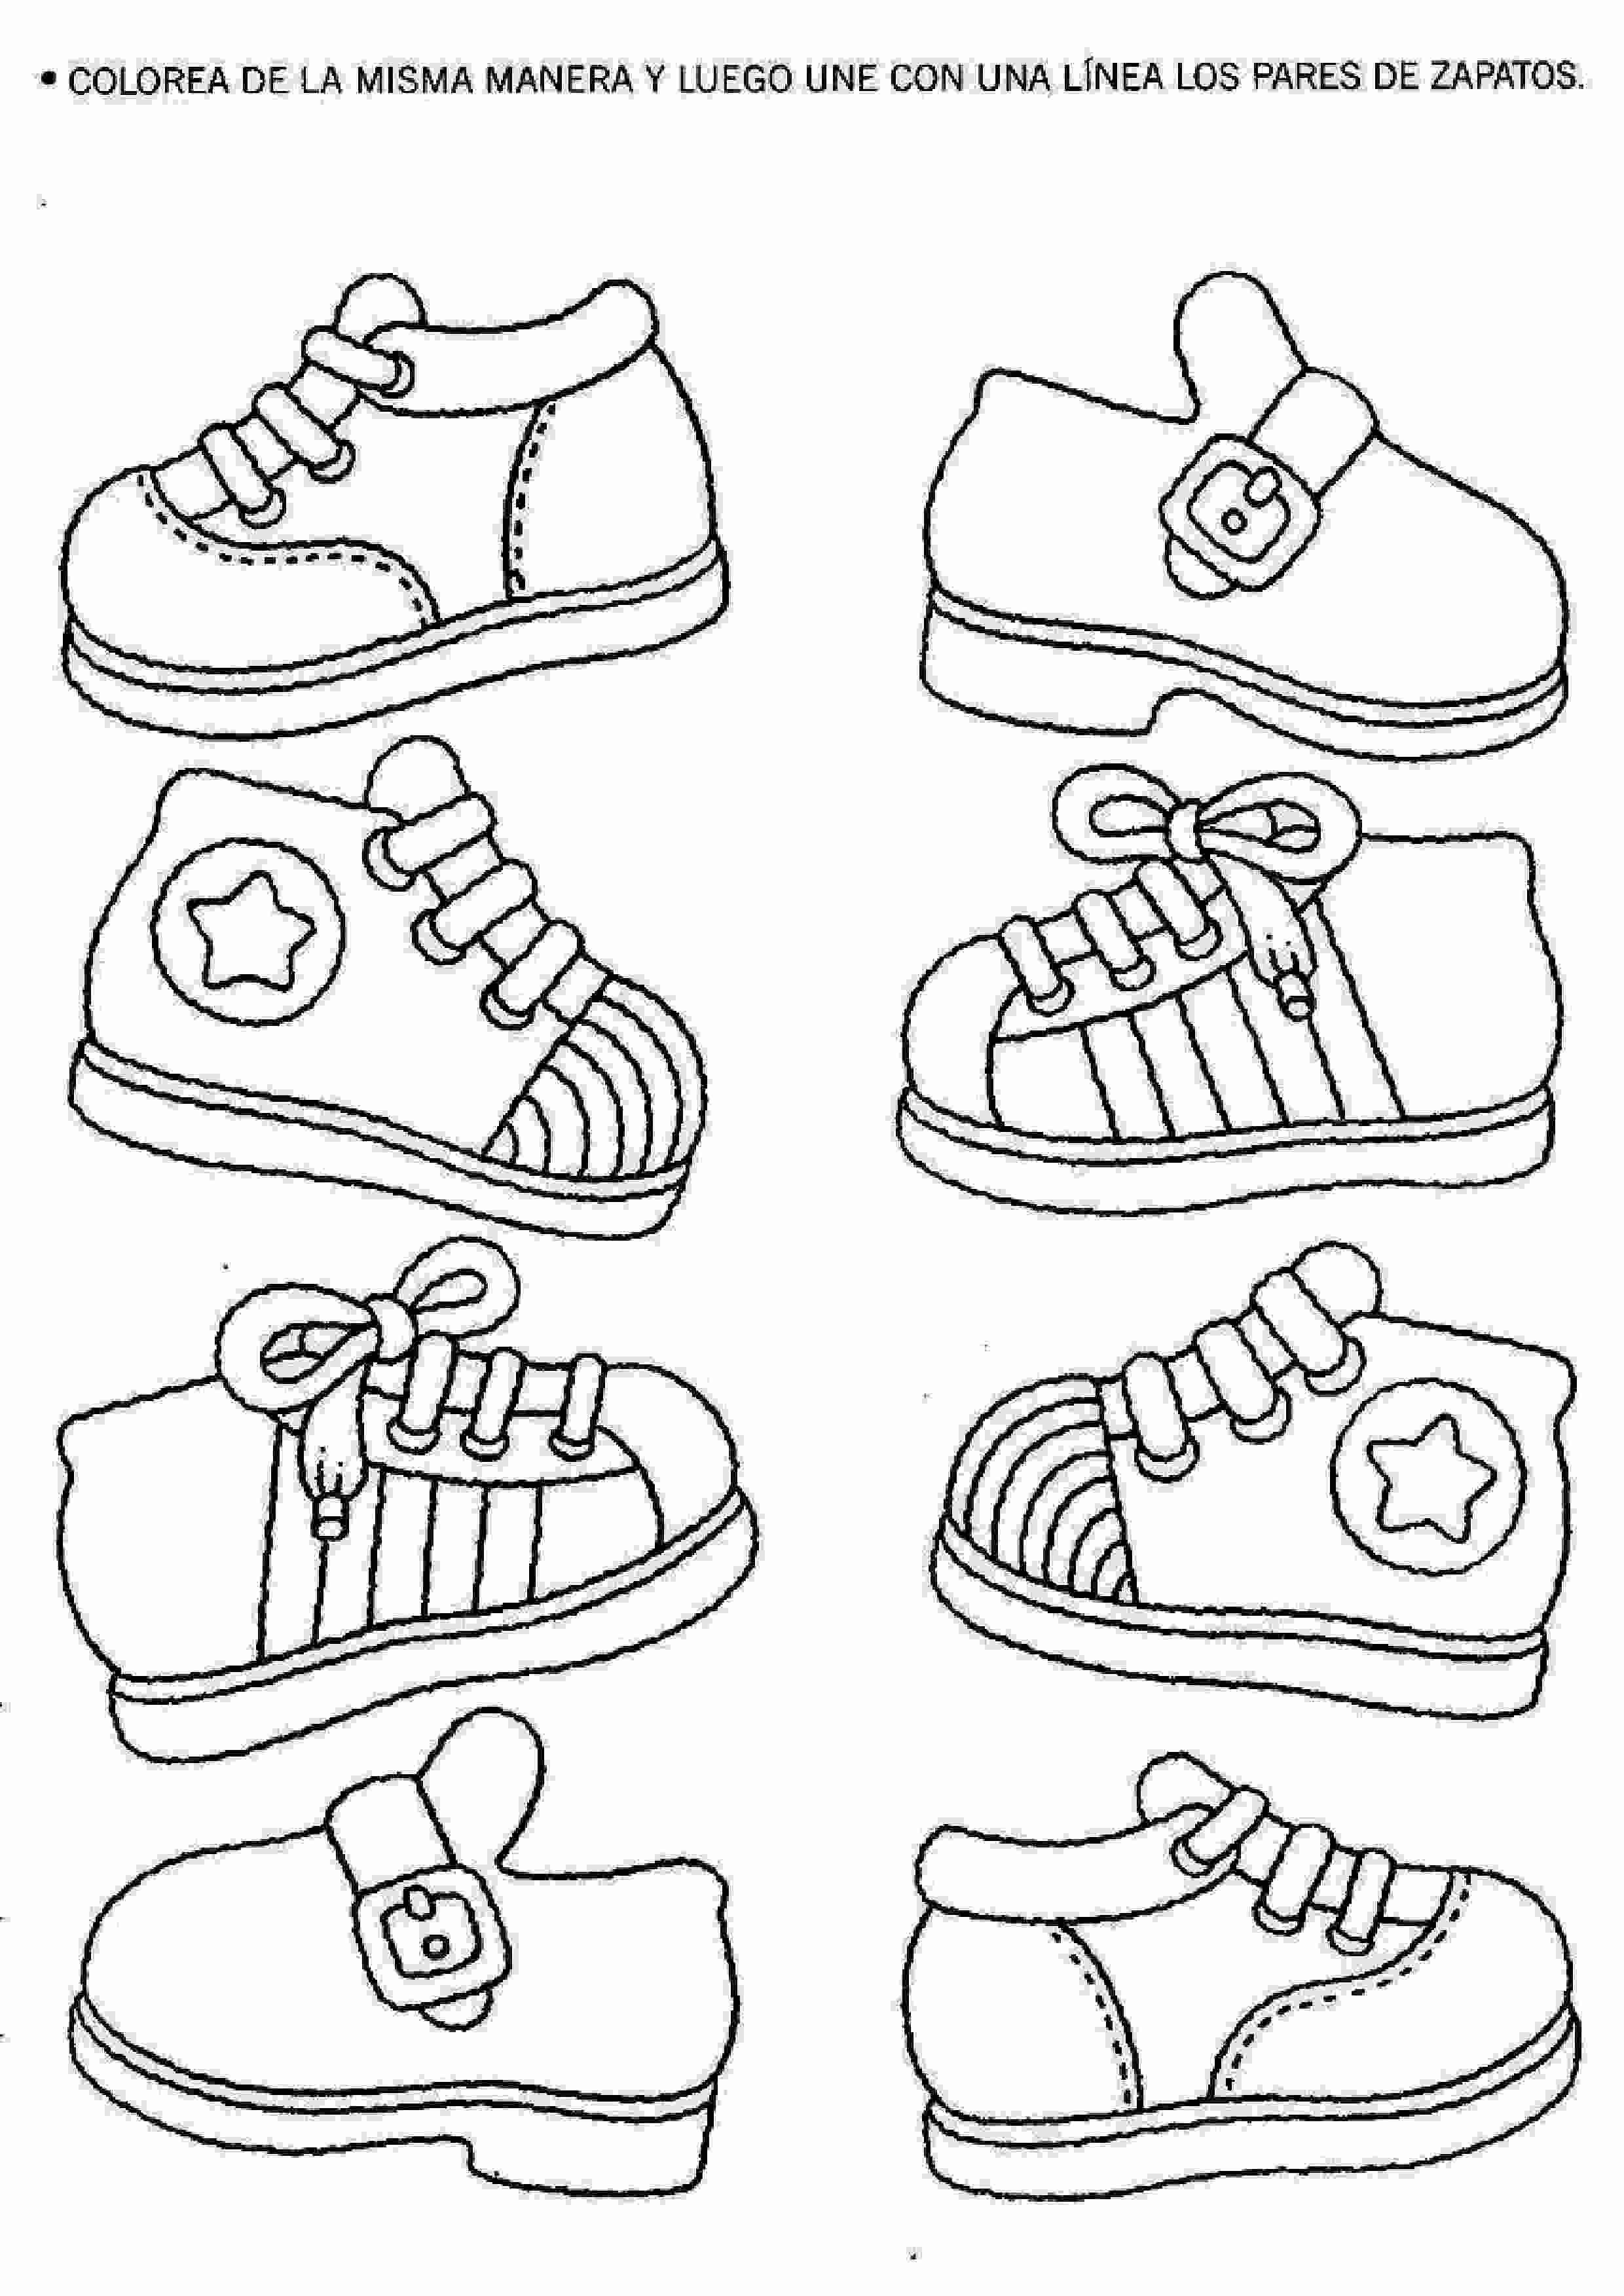 Atractivo Actividades Imprimibles Para Niños Friso - Dibujos Para ...